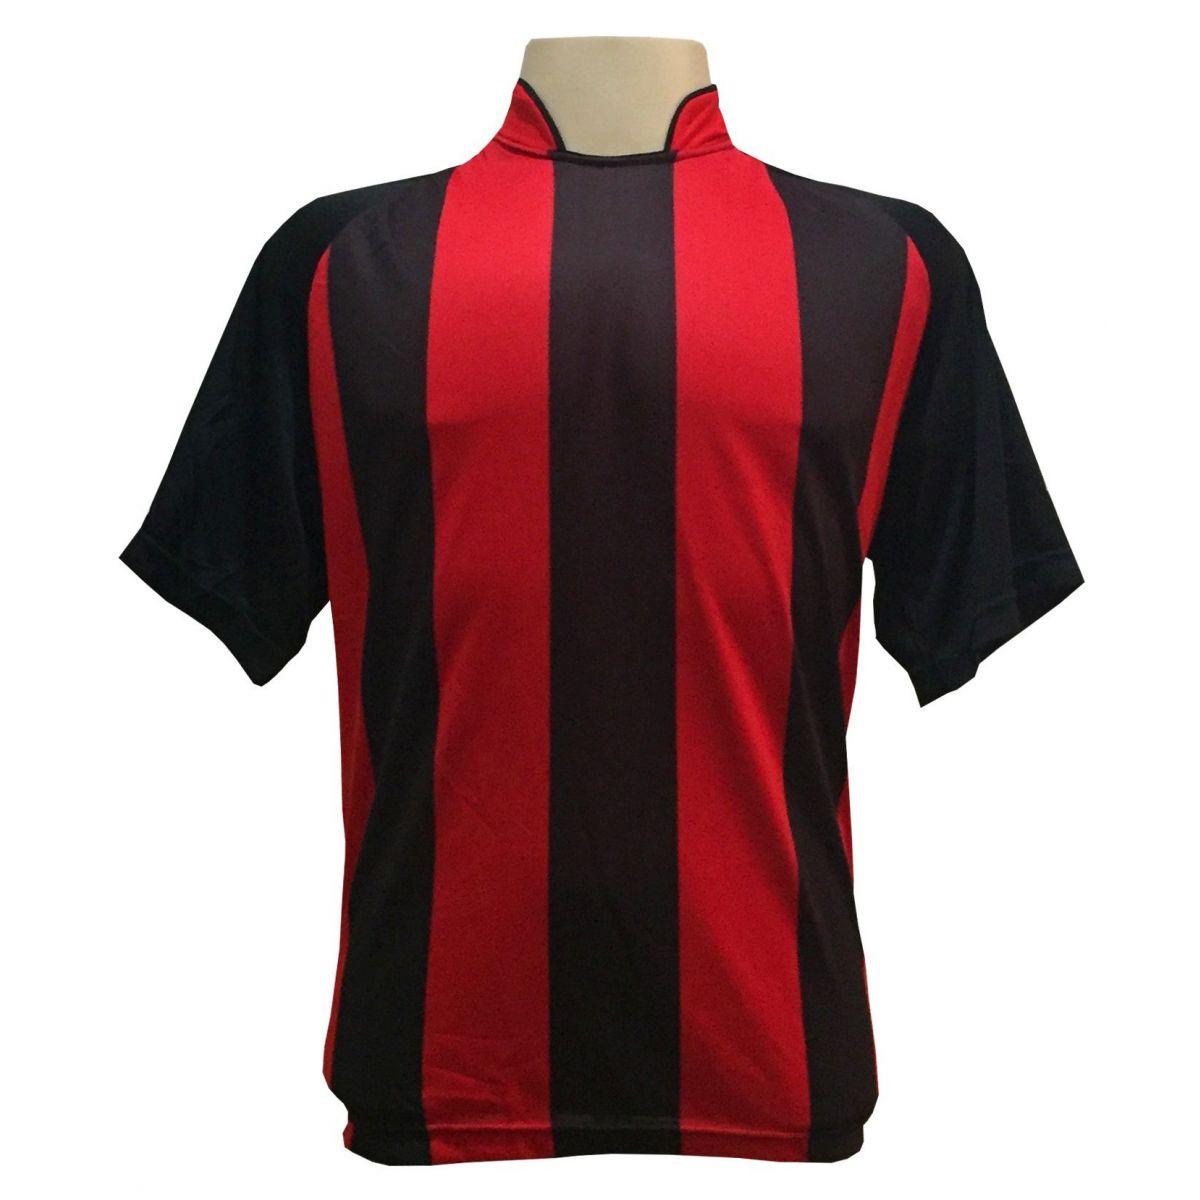 Jogo de Camisa com 20 unidades modelo Milan Preto/Vermelho + Brindes